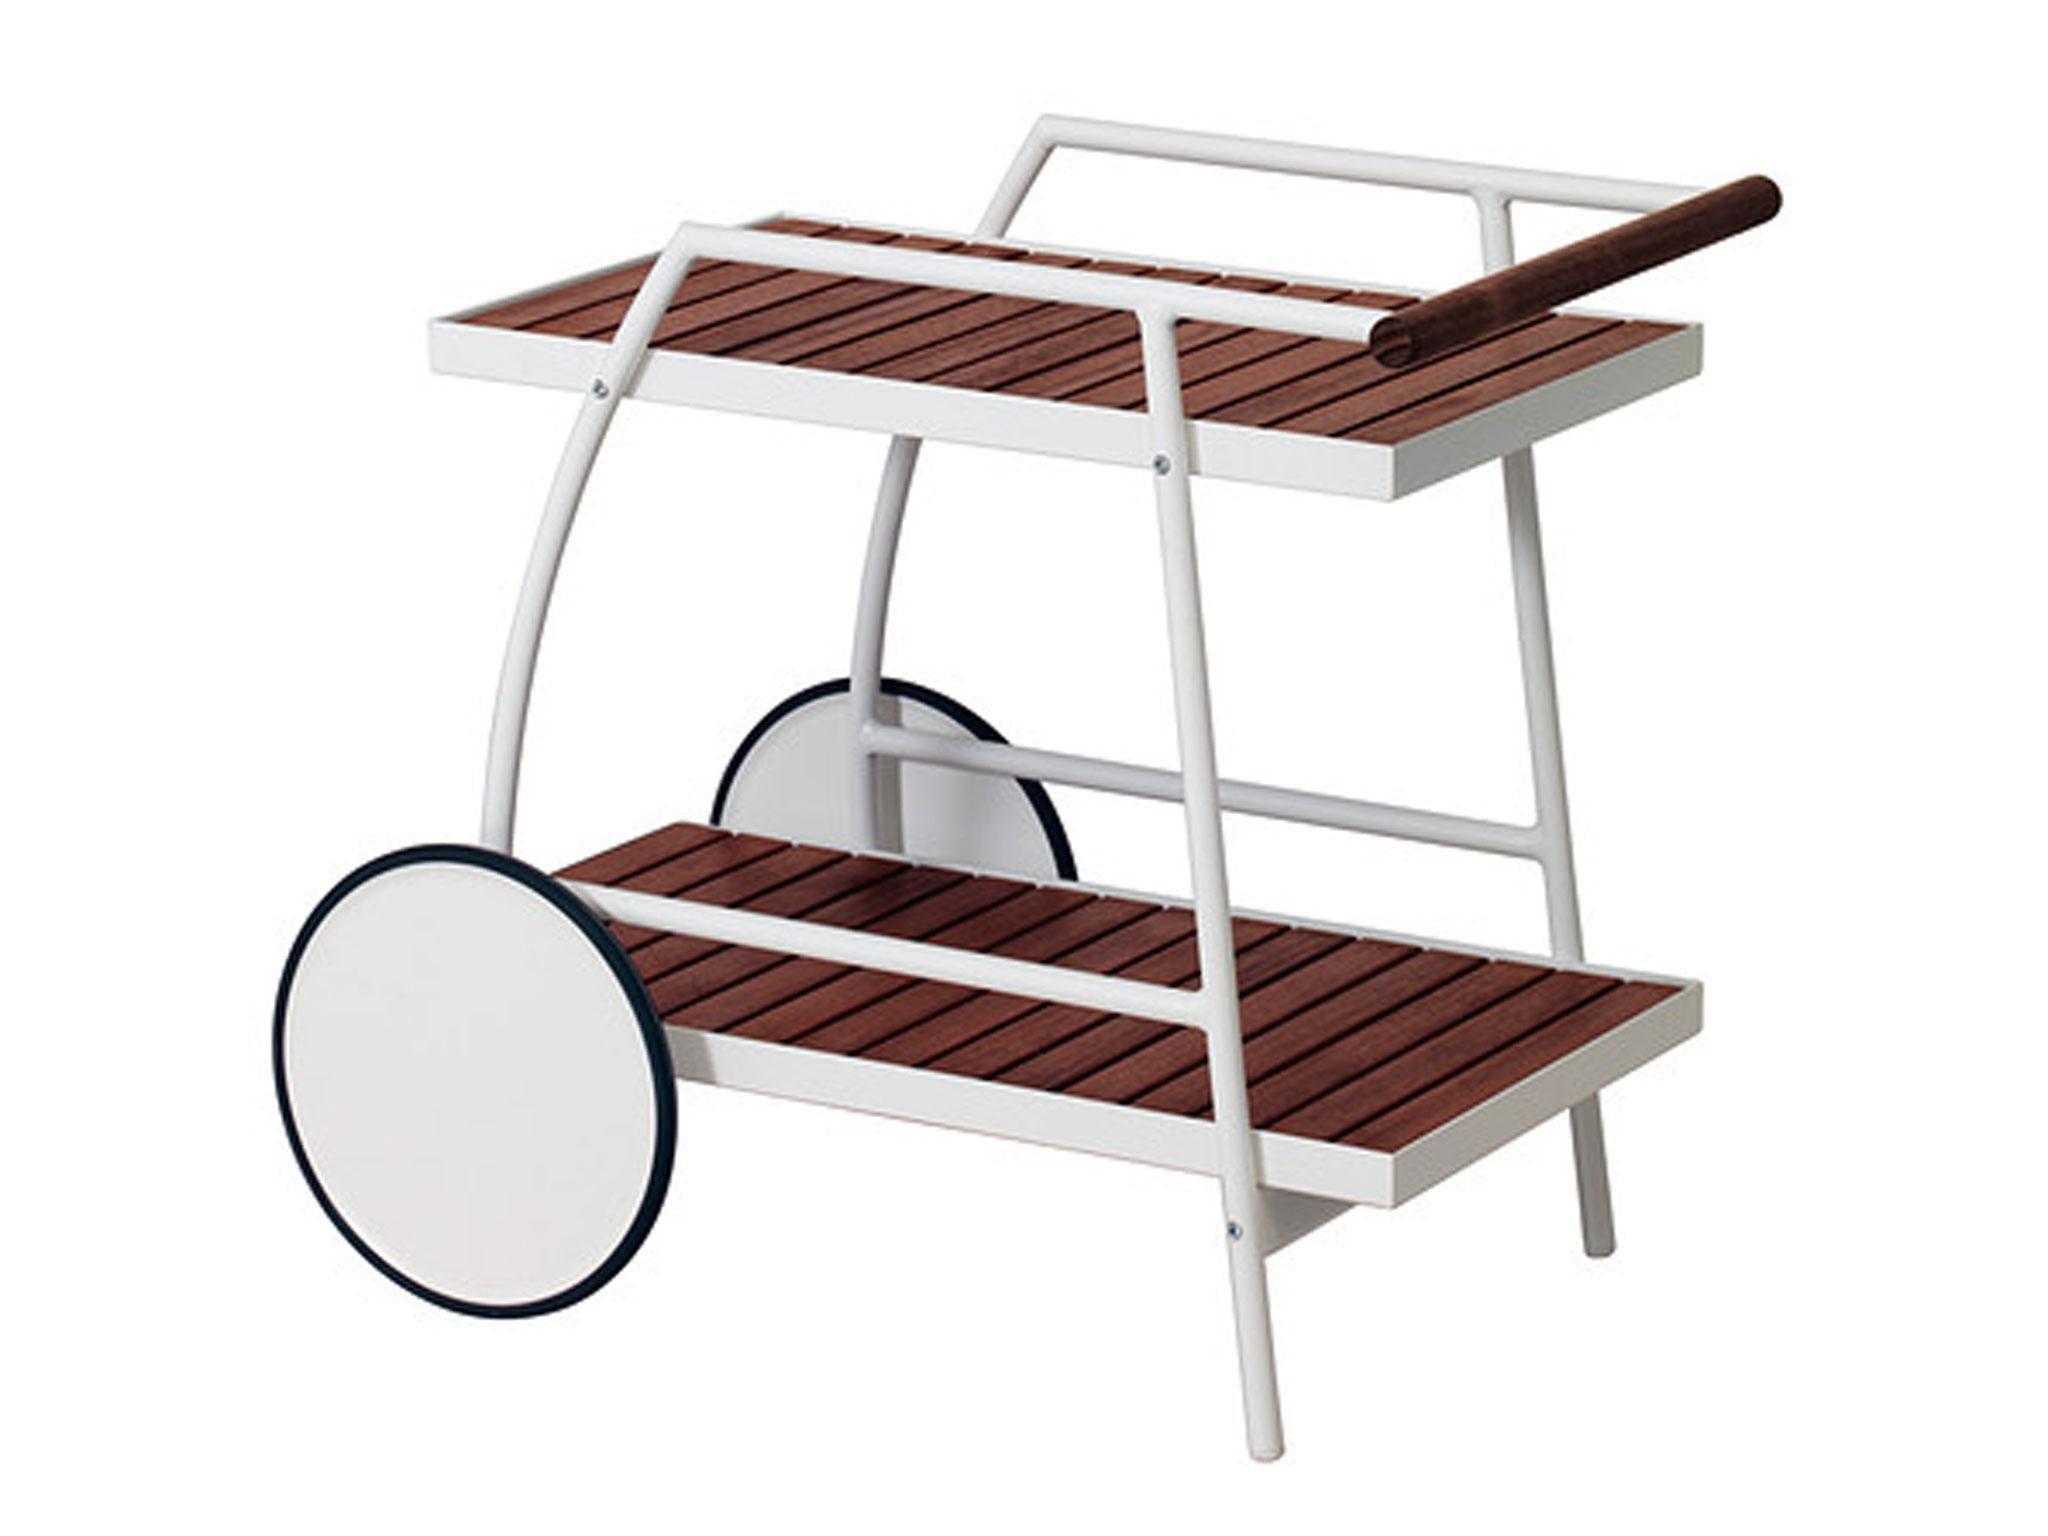 Trolley Keuken Ikea : Ikea kk veddinge ikea veddinge drawer front year guarantee read